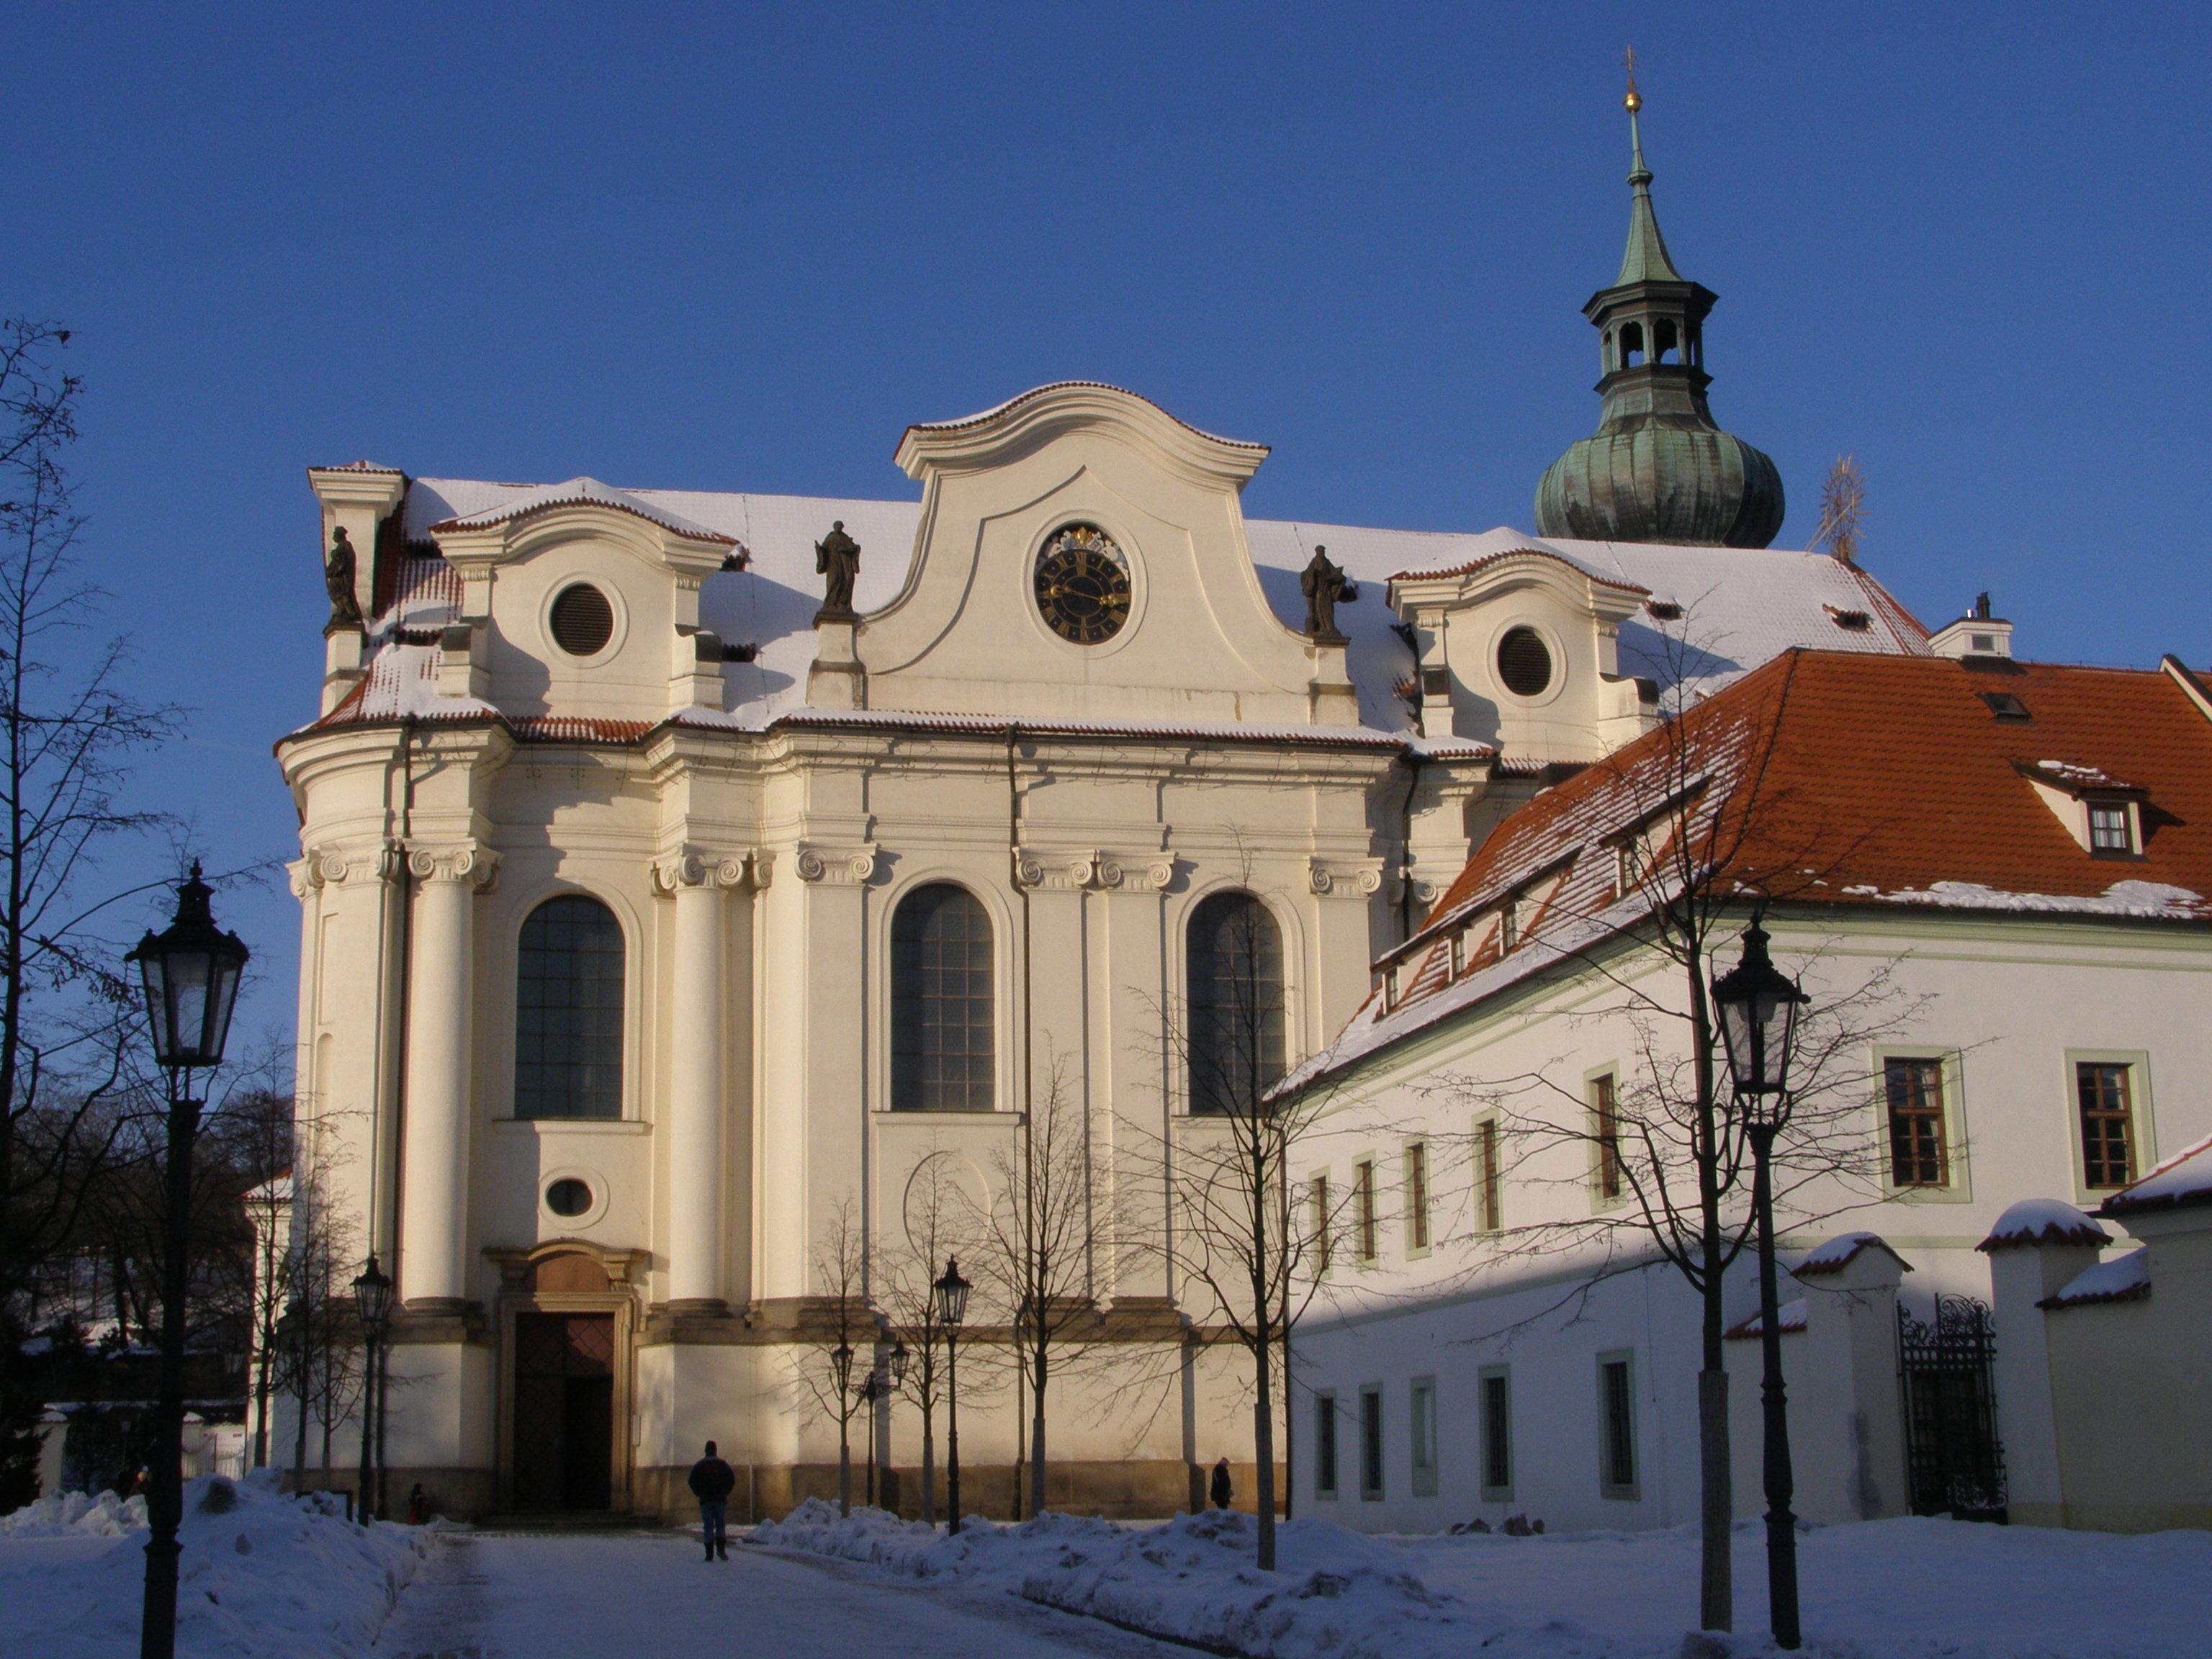 FilePraha Bevnovsk Klter Markta 01jpg Wikimedia